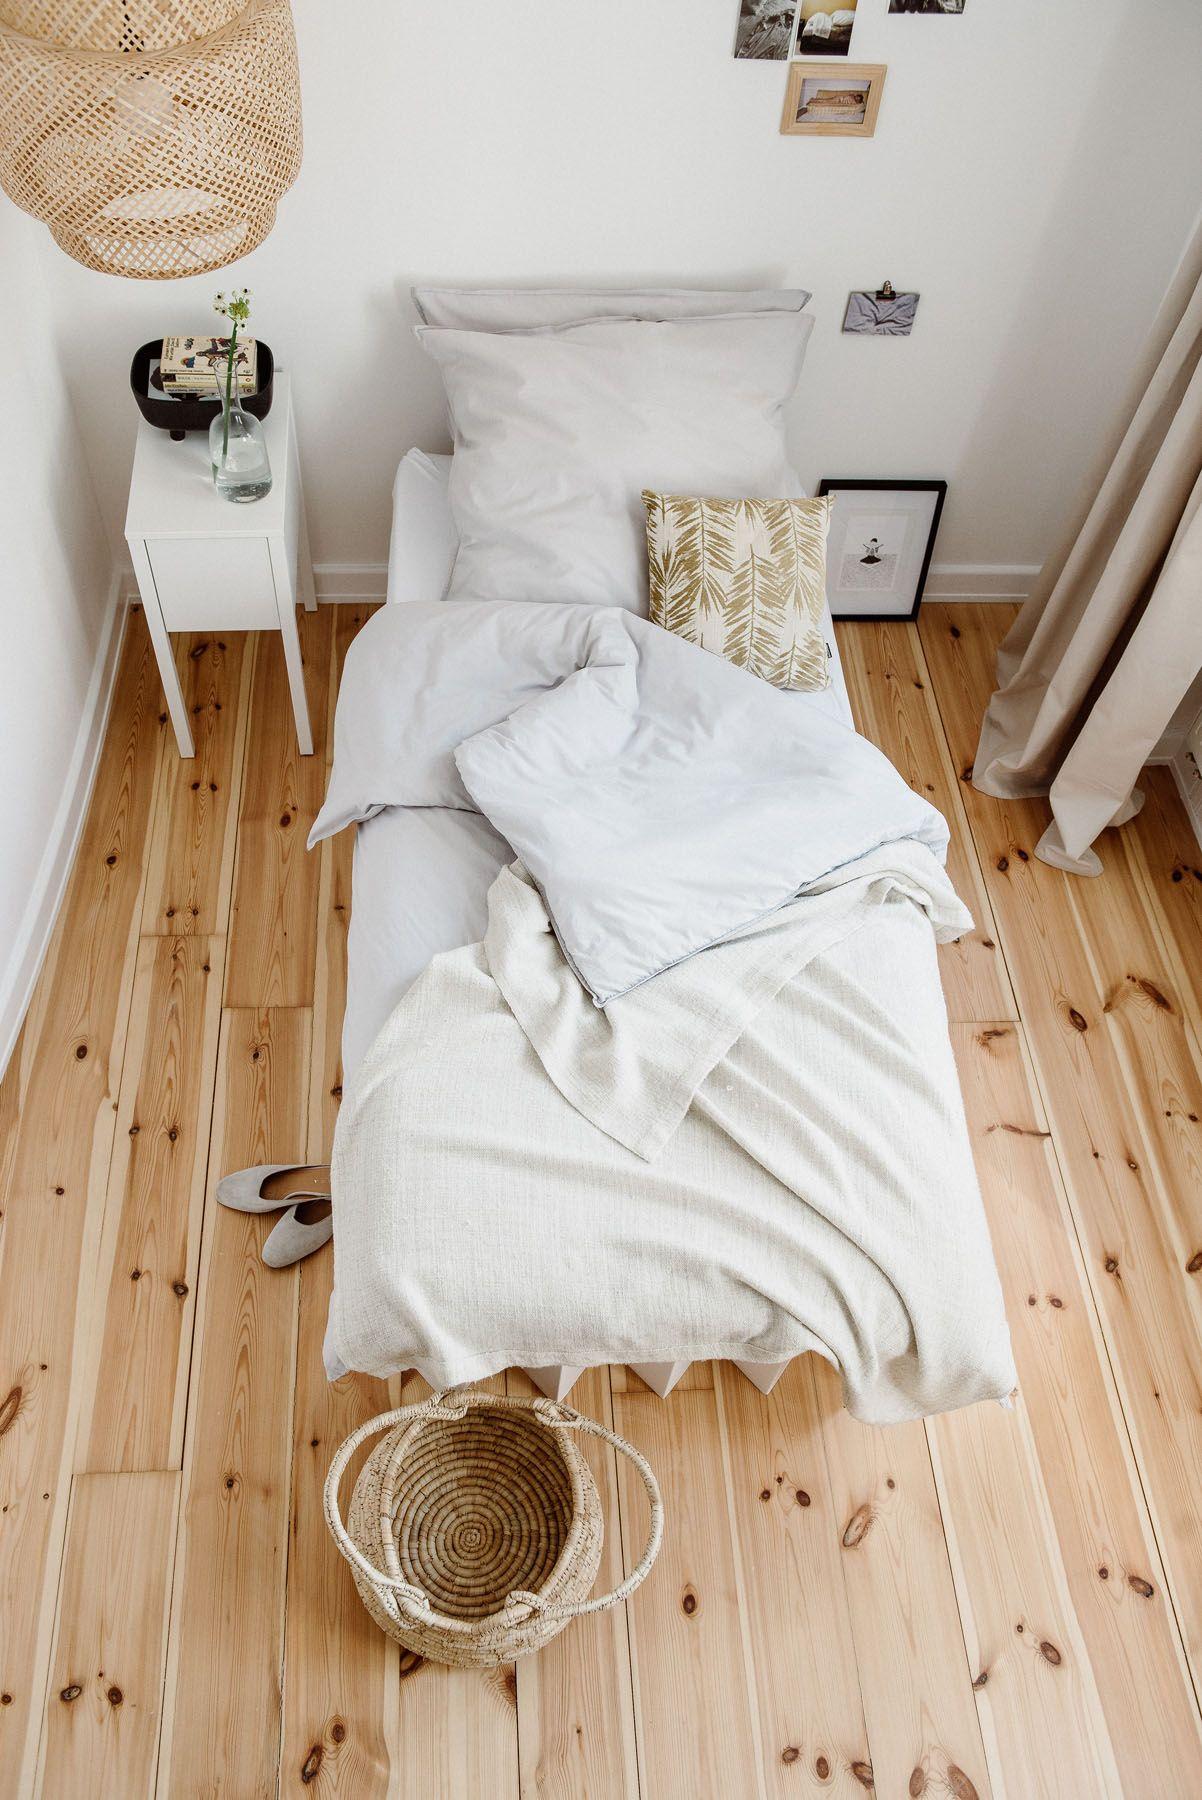 Full Size of Pappbett Ikea Sofa Mit Schlaffunktion Betten Bei Küche Kosten 160x200 Miniküche Kaufen Modulküche Wohnzimmer Pappbett Ikea